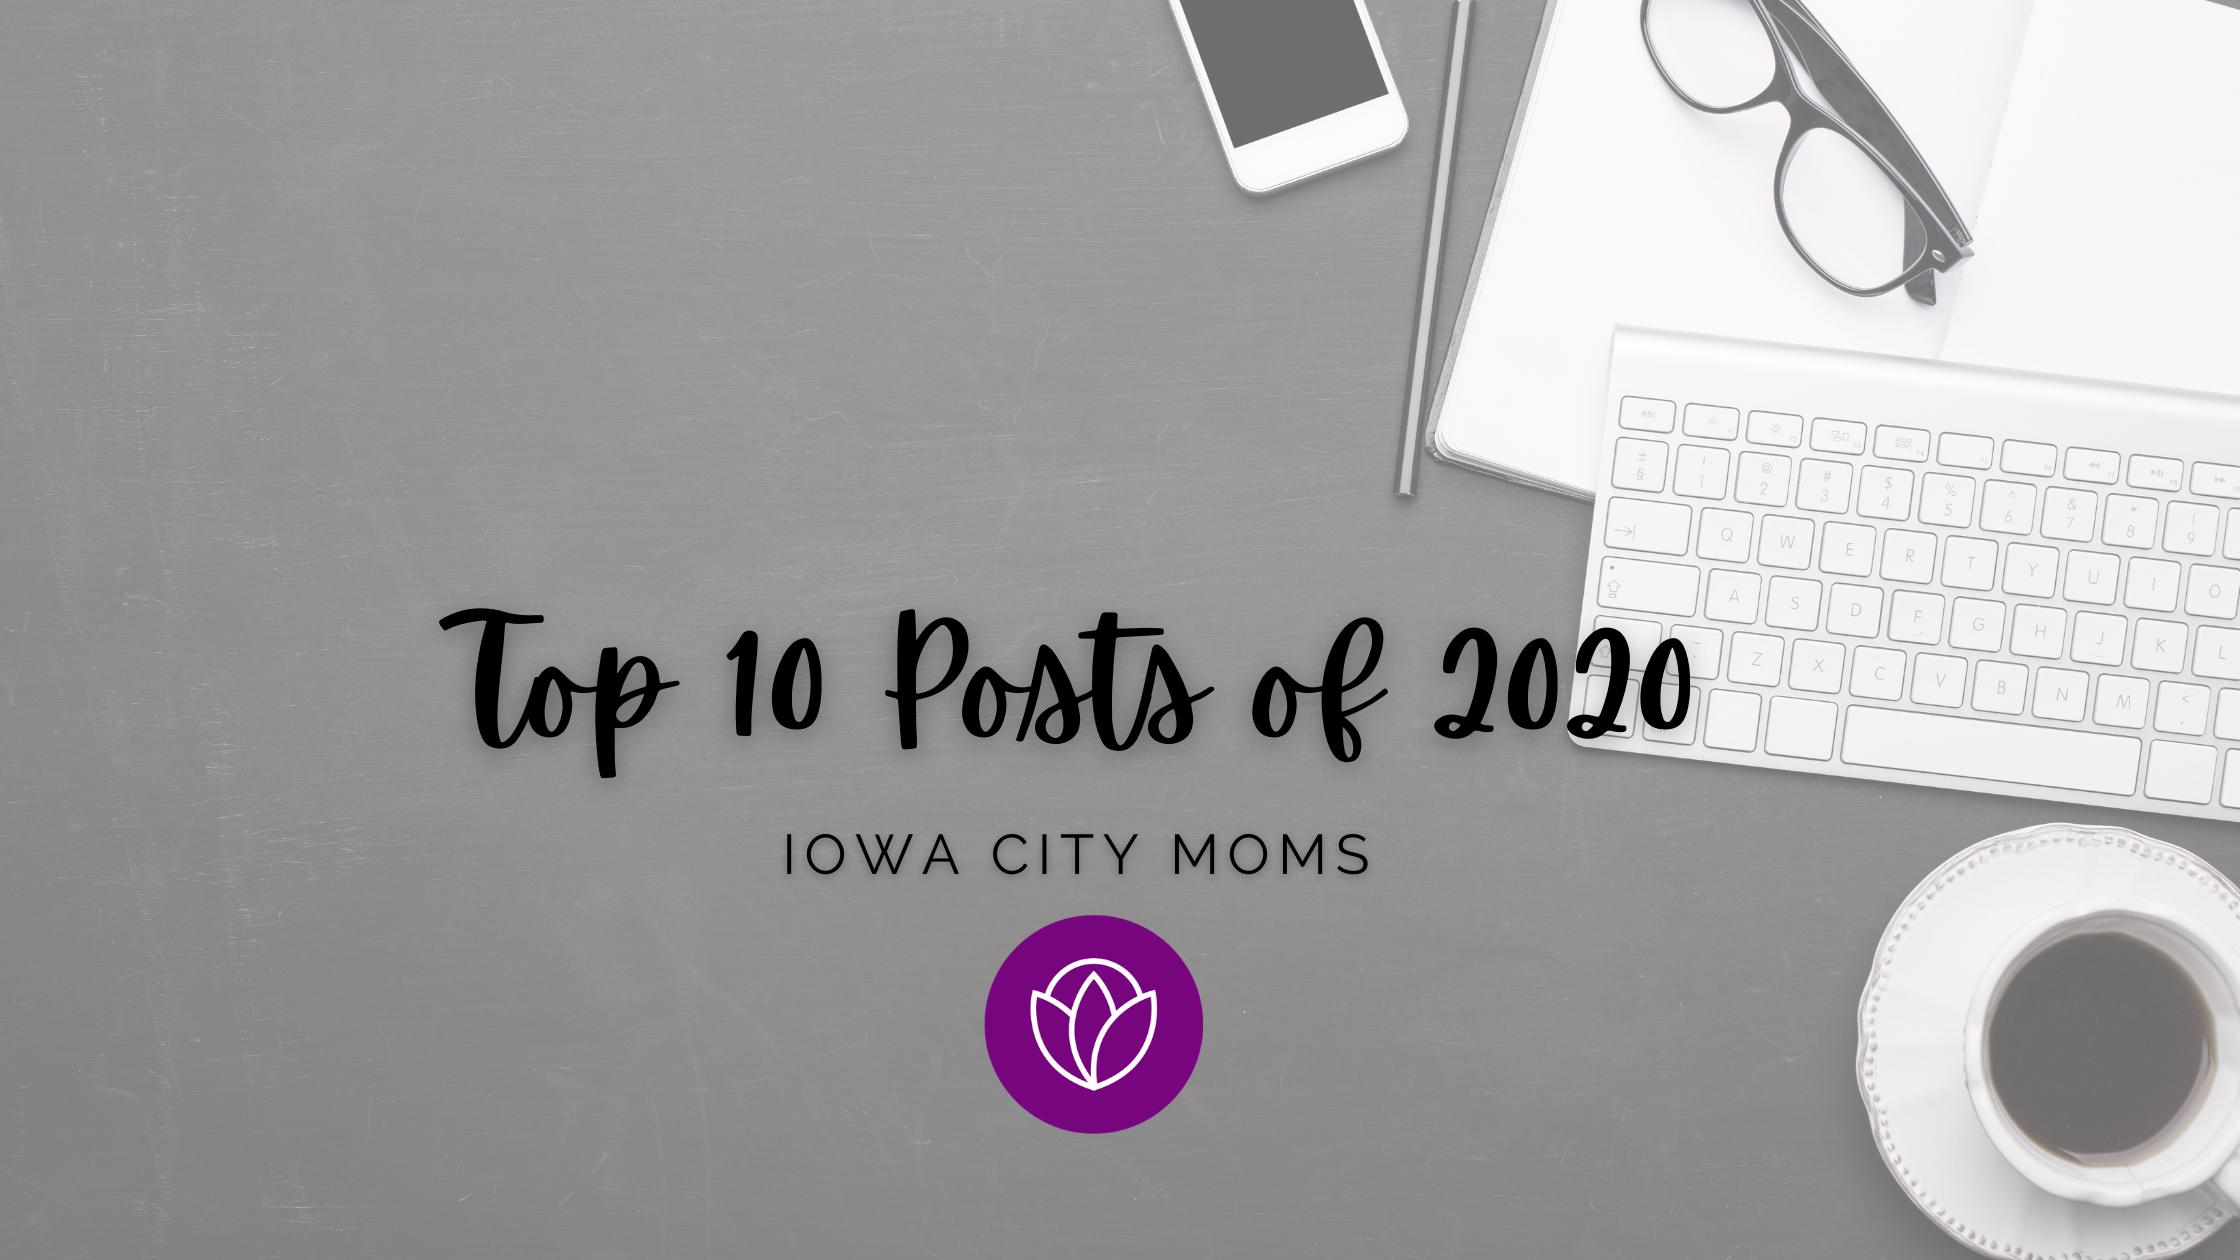 Top Ten Iowa City Moms' Posts of 2020